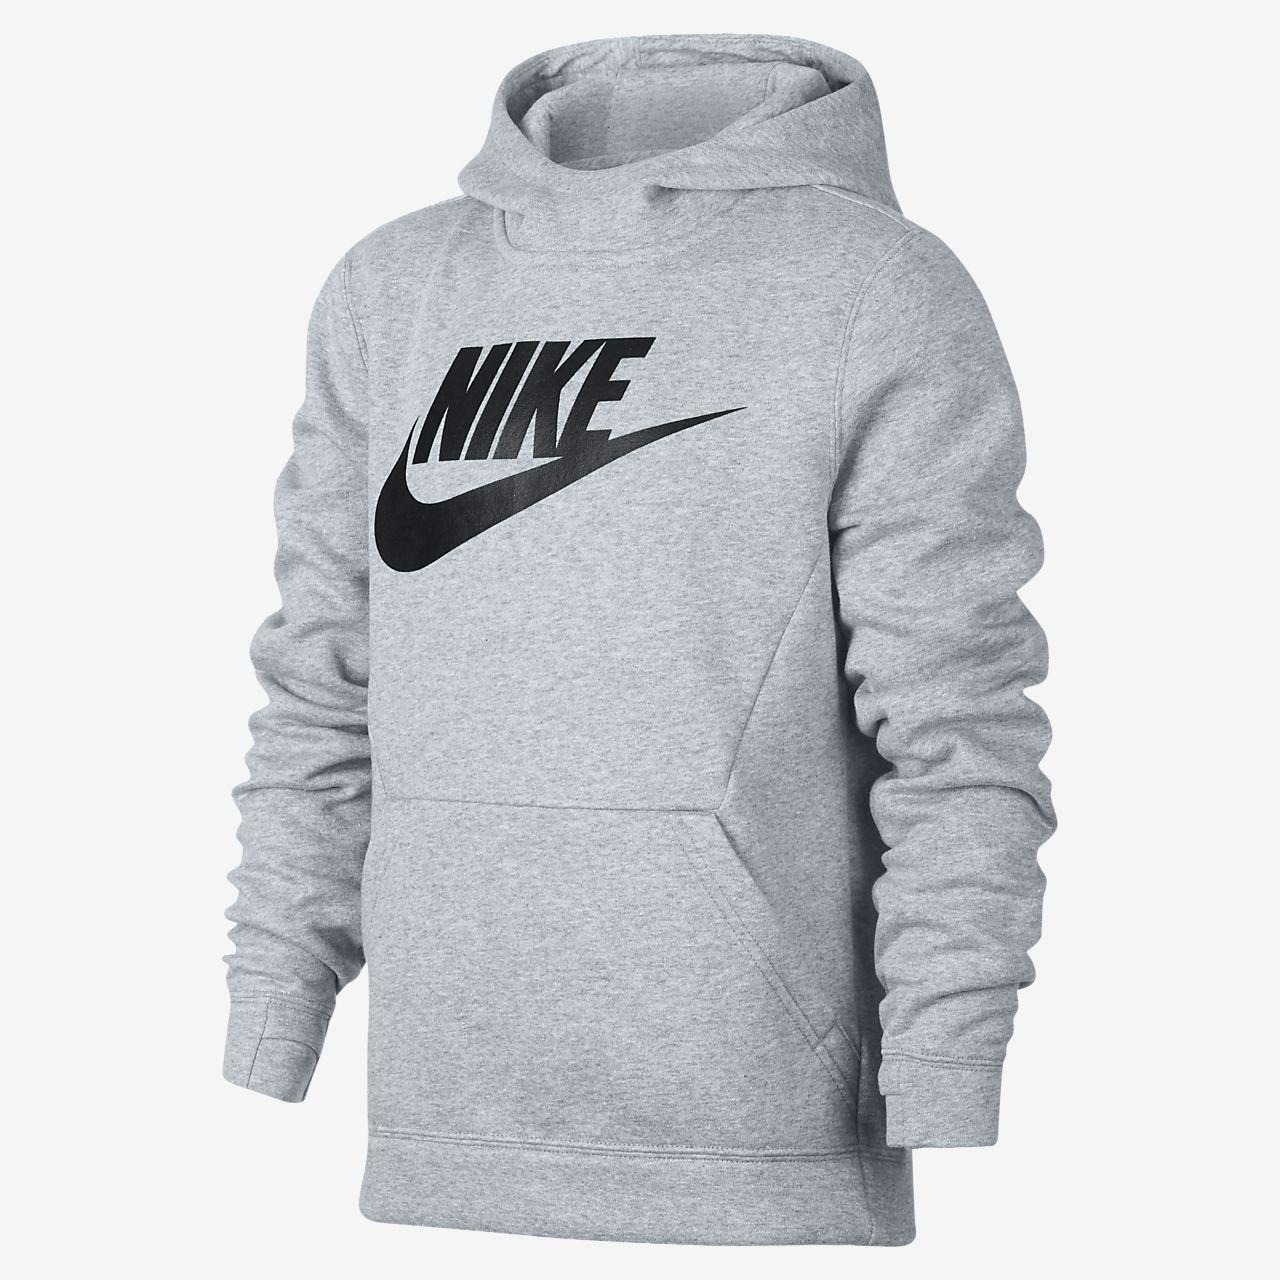 e67f675f32 Chlapecká flísová mikina Nike Sportswear s kapucí. Nike.com CZ